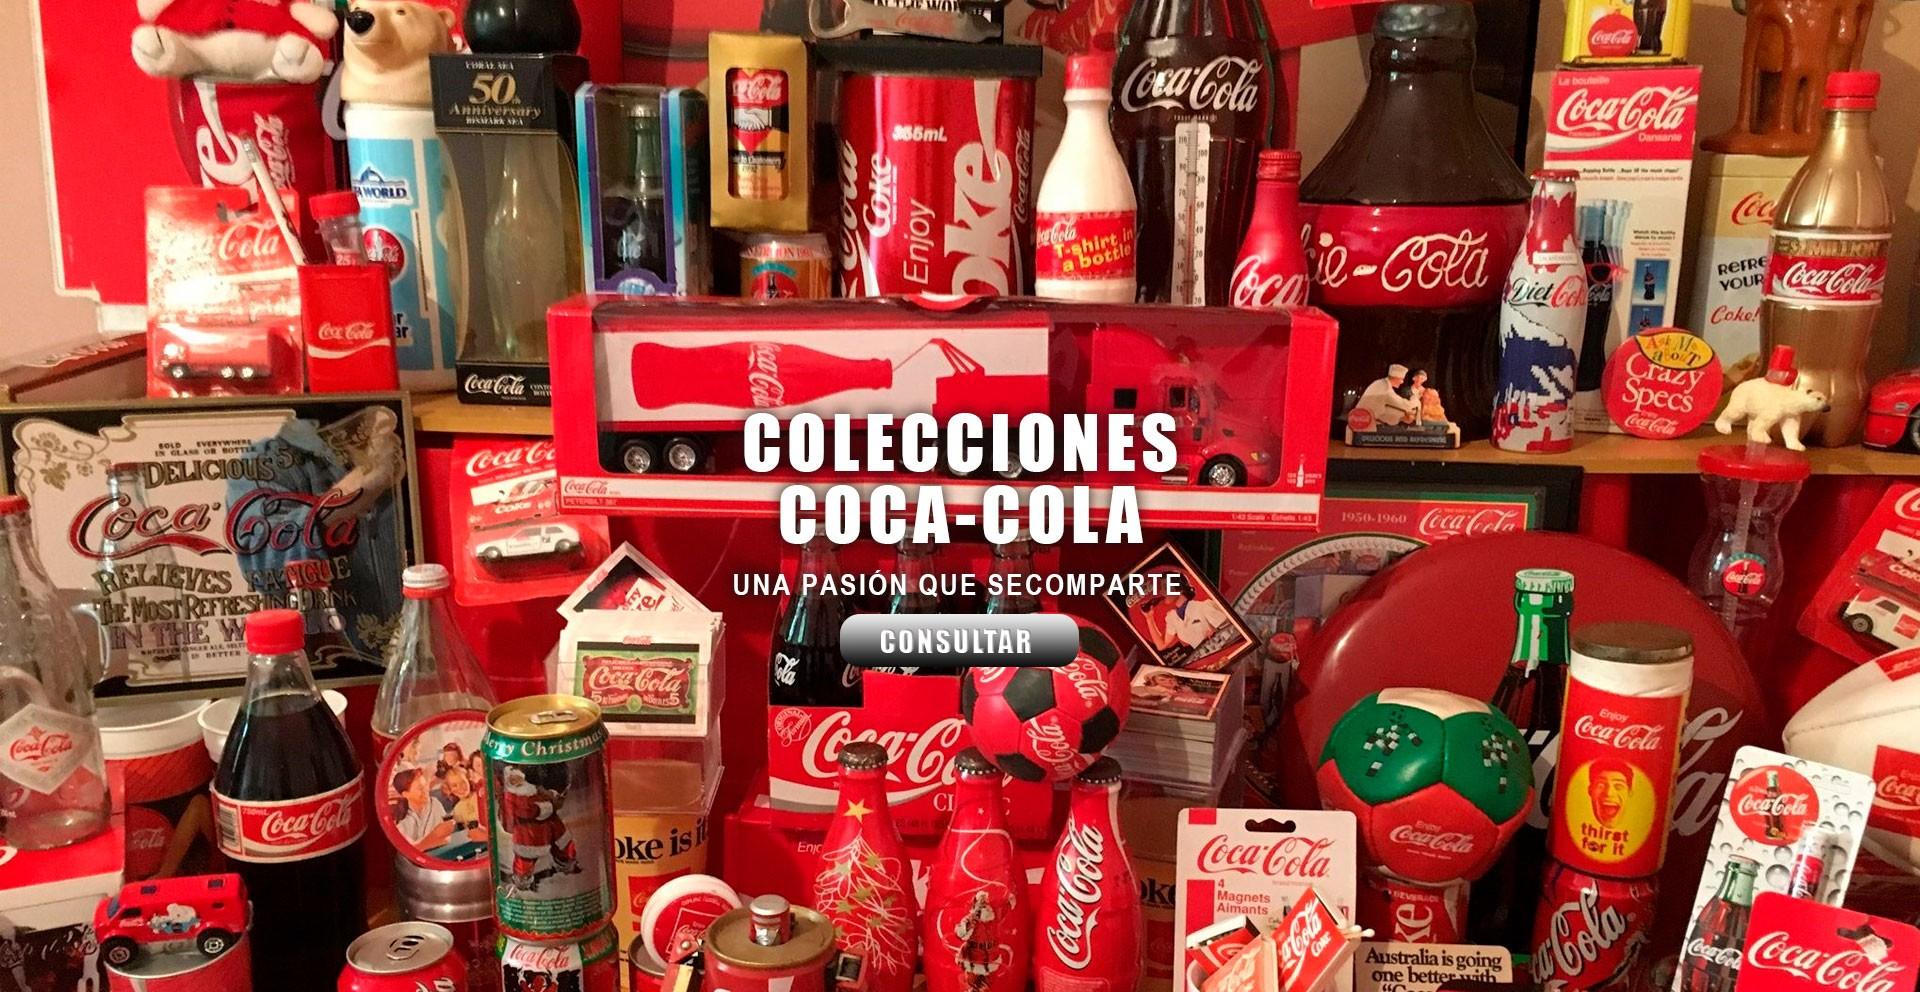 Colecciones Coca-Cola